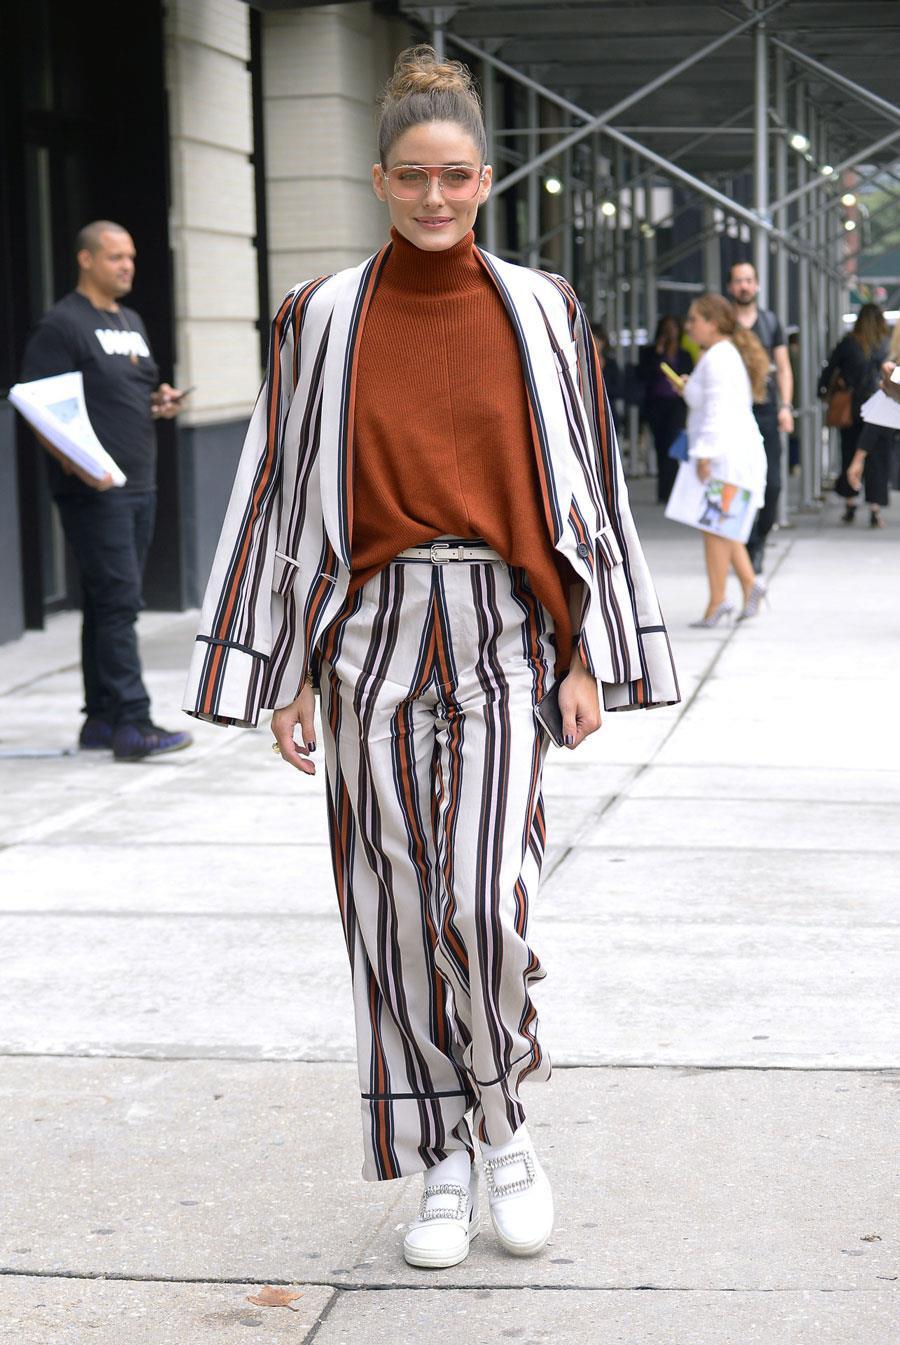 c23a44fd5d7fe Pantalones de mujer estampados más de moda del otoño-invierno 2018 ...